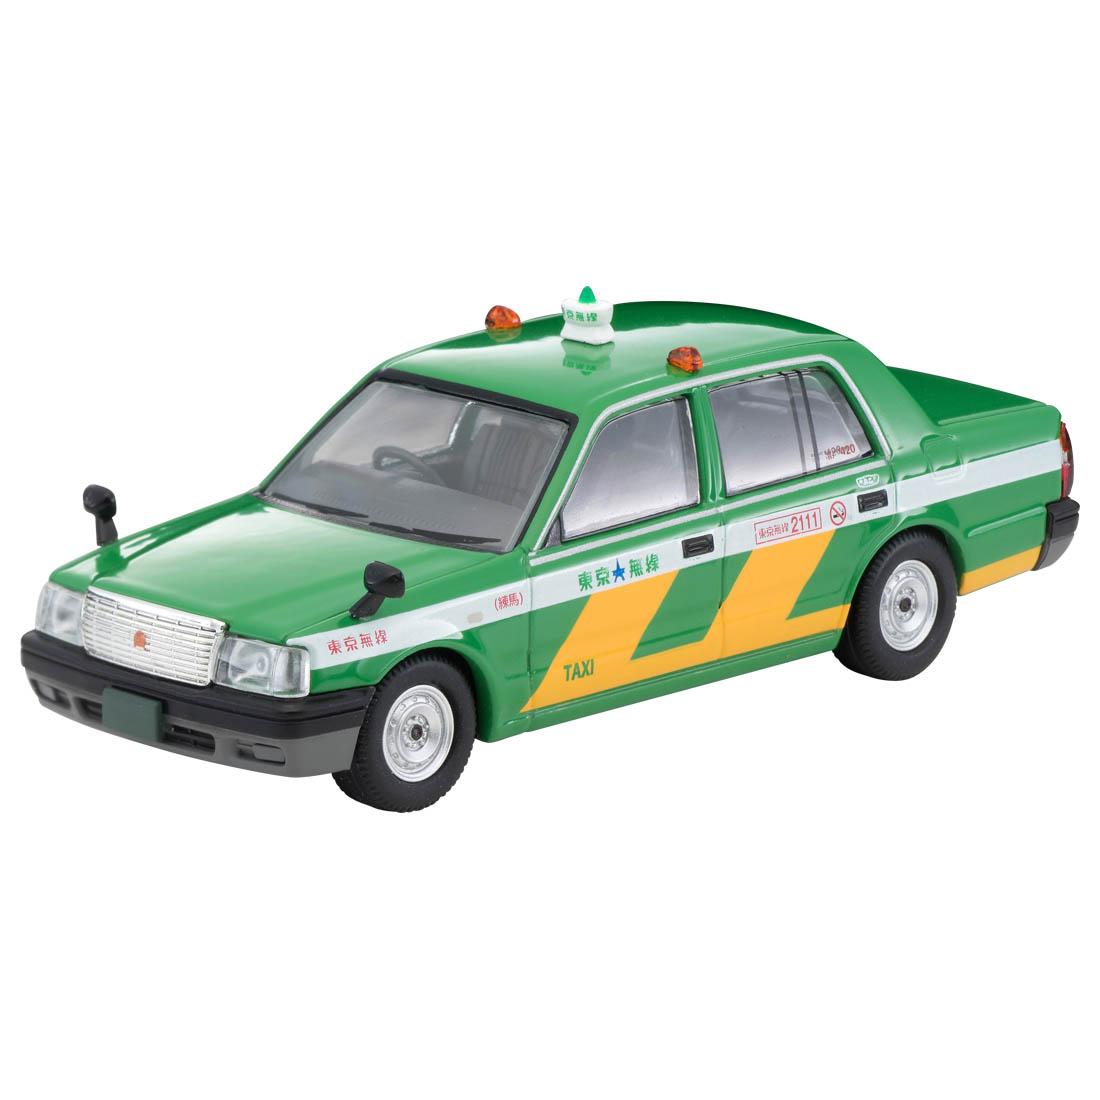 トミカリミテッド ヴィンテージ ネオ TLV-NEO『LV-N218a トヨタ クラウンコンフォート 東京無線タクシー(緑)』1/64 ミニカー-001